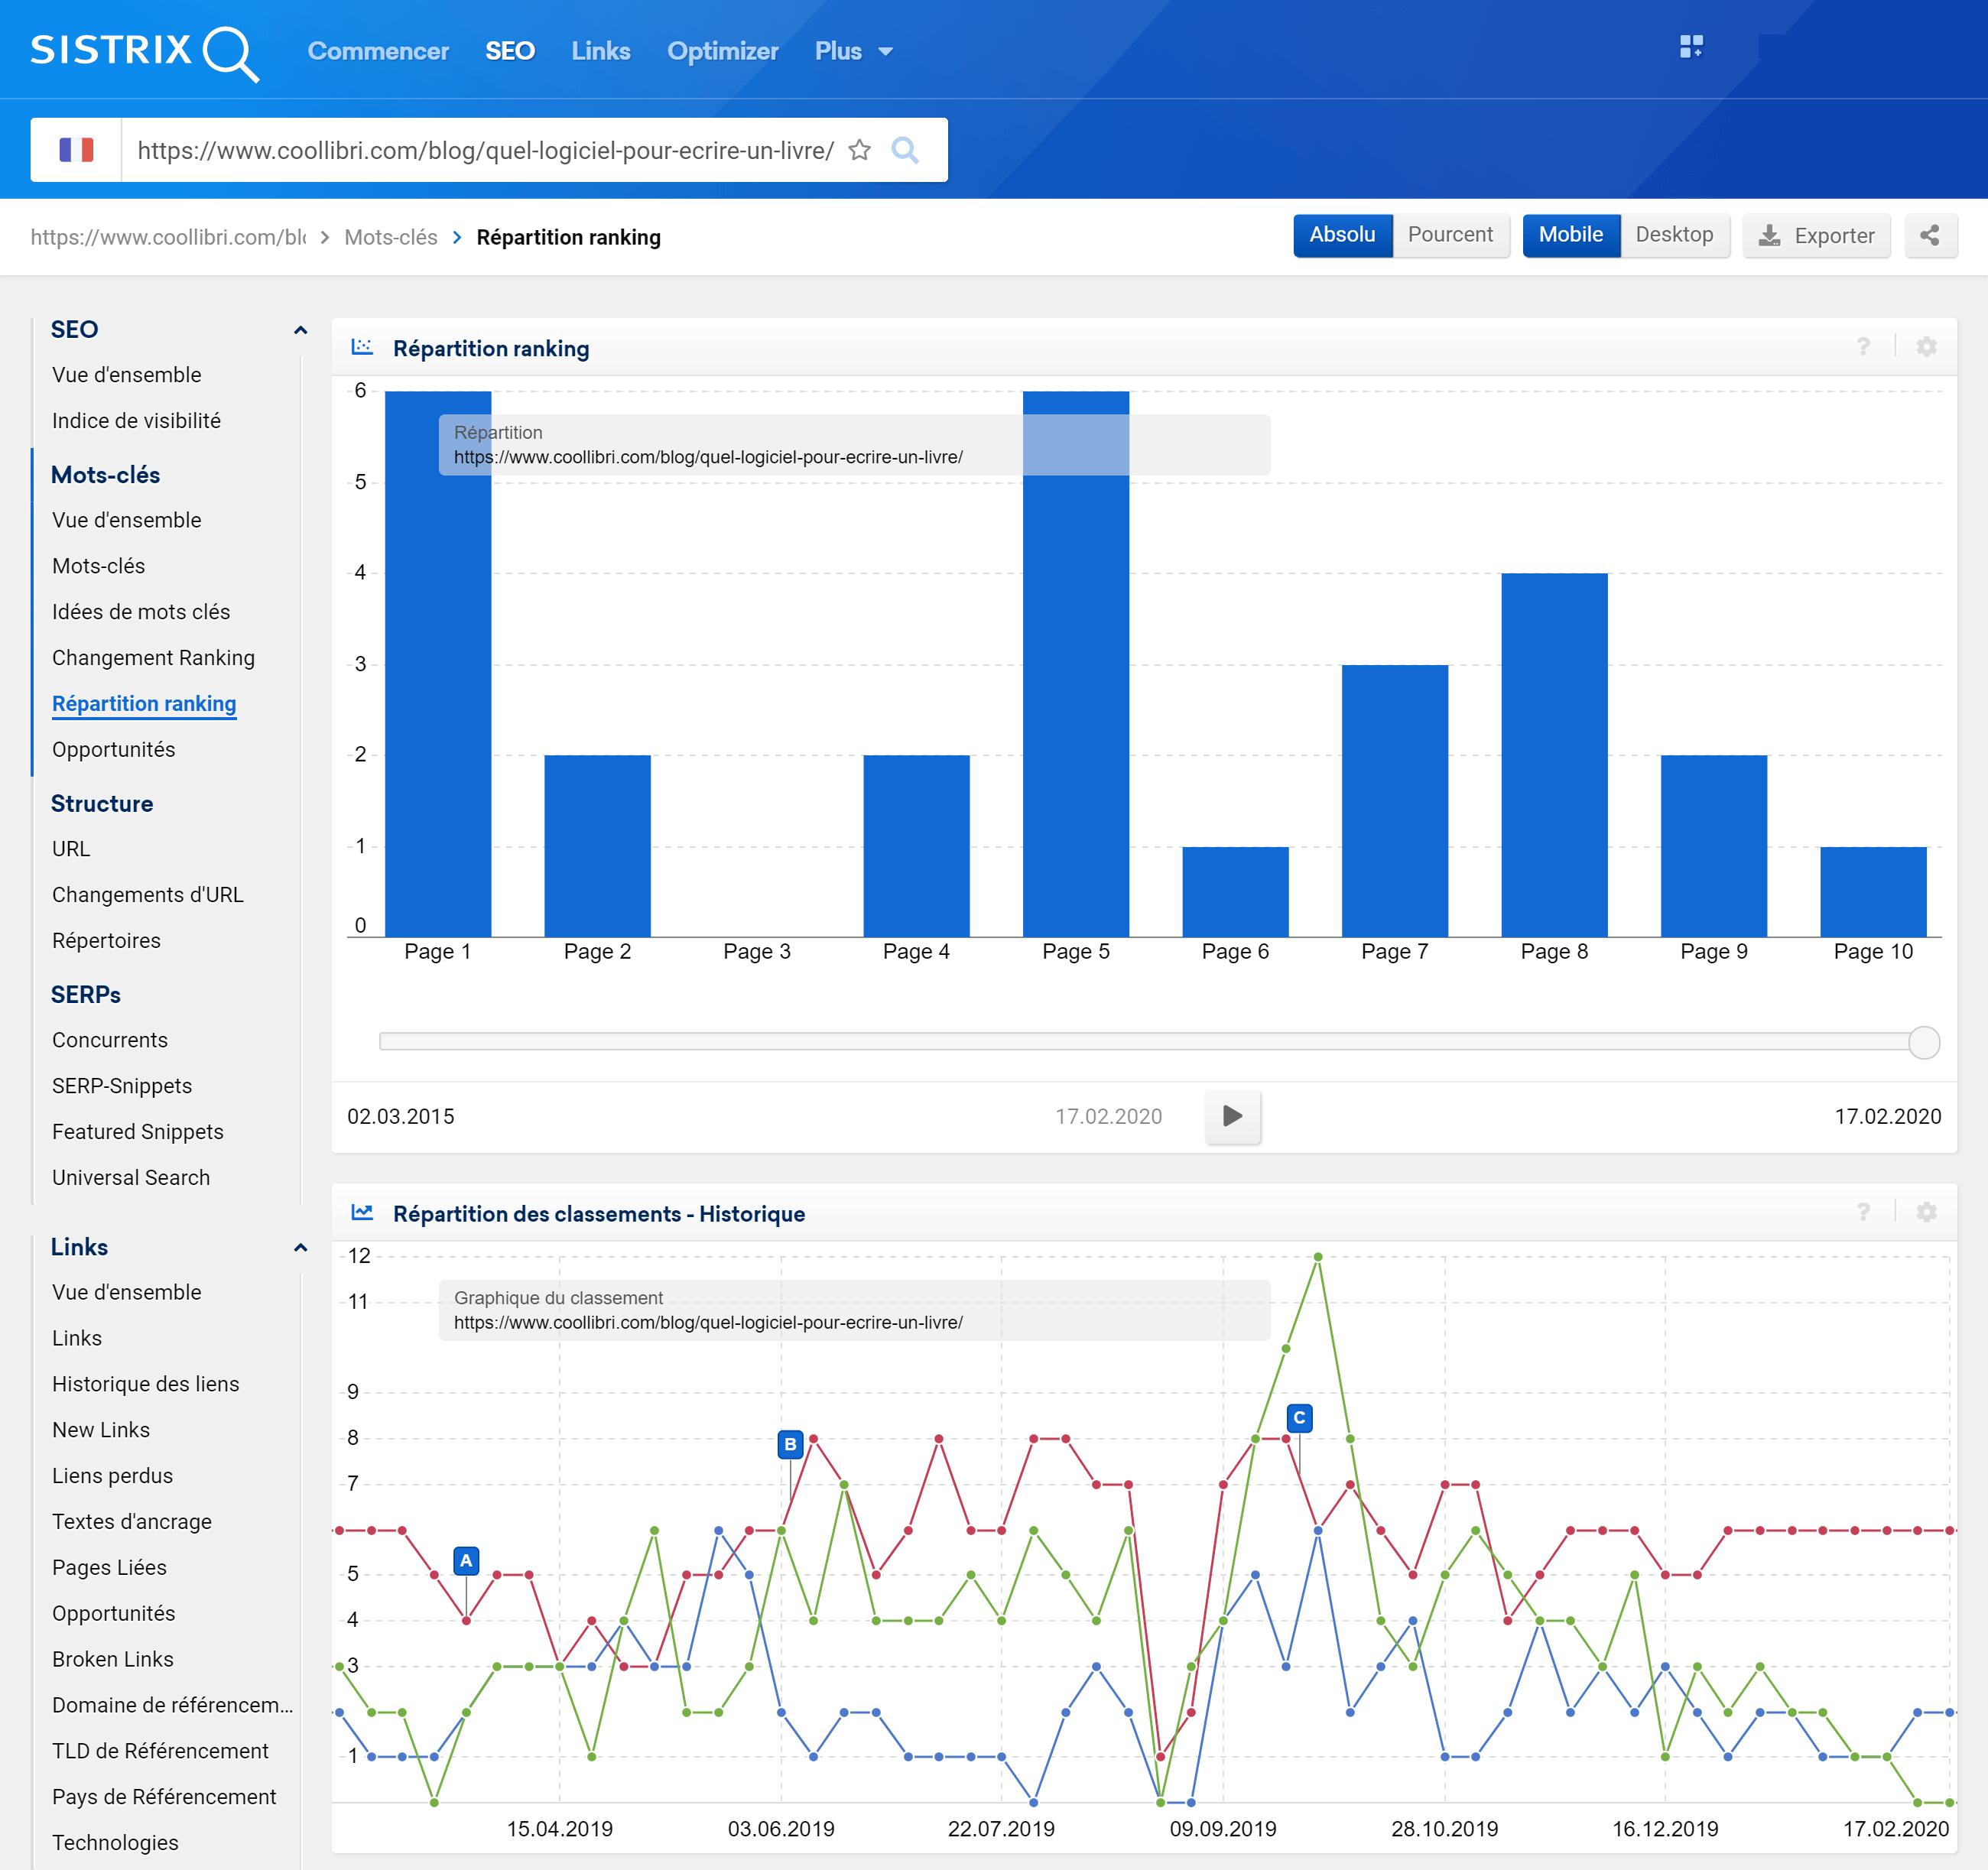 Répartition ranking d'une URL